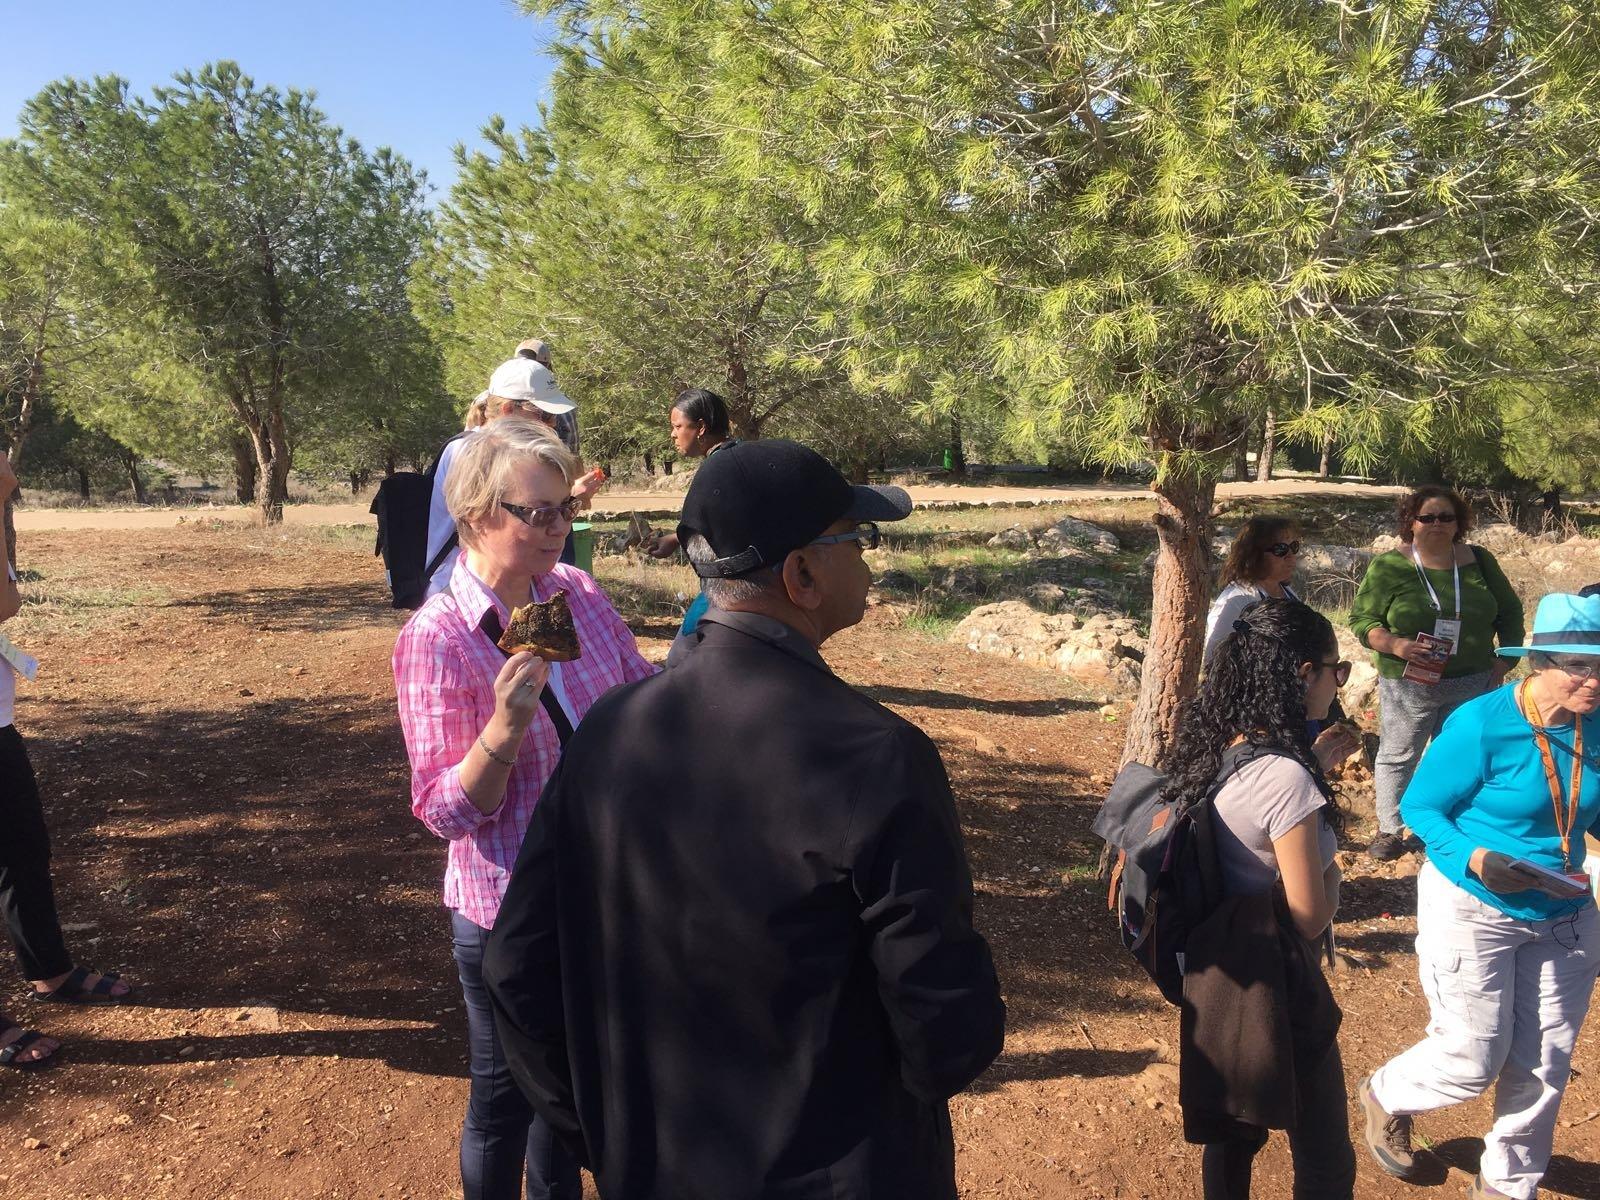 جمعية الناصرة تستقبل 50 وكيل سياحة من العالم!